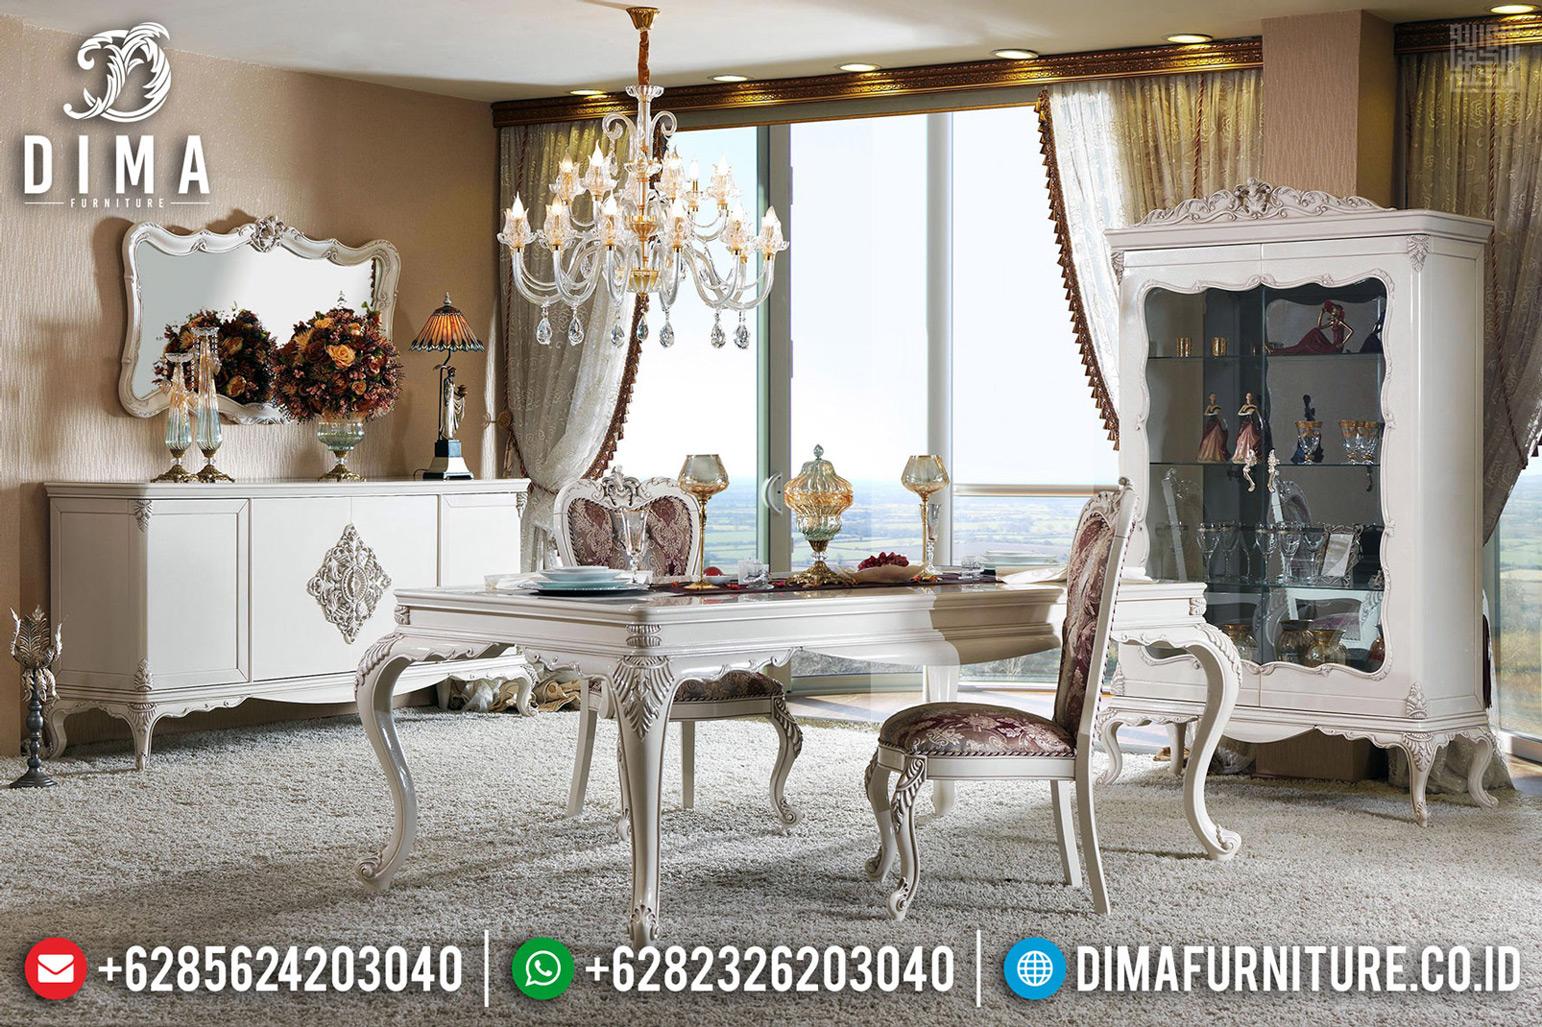 Jual Meja Makan Mewah Jepara Desain Luxury Ukiran Klasik Artistik MMJ-0649